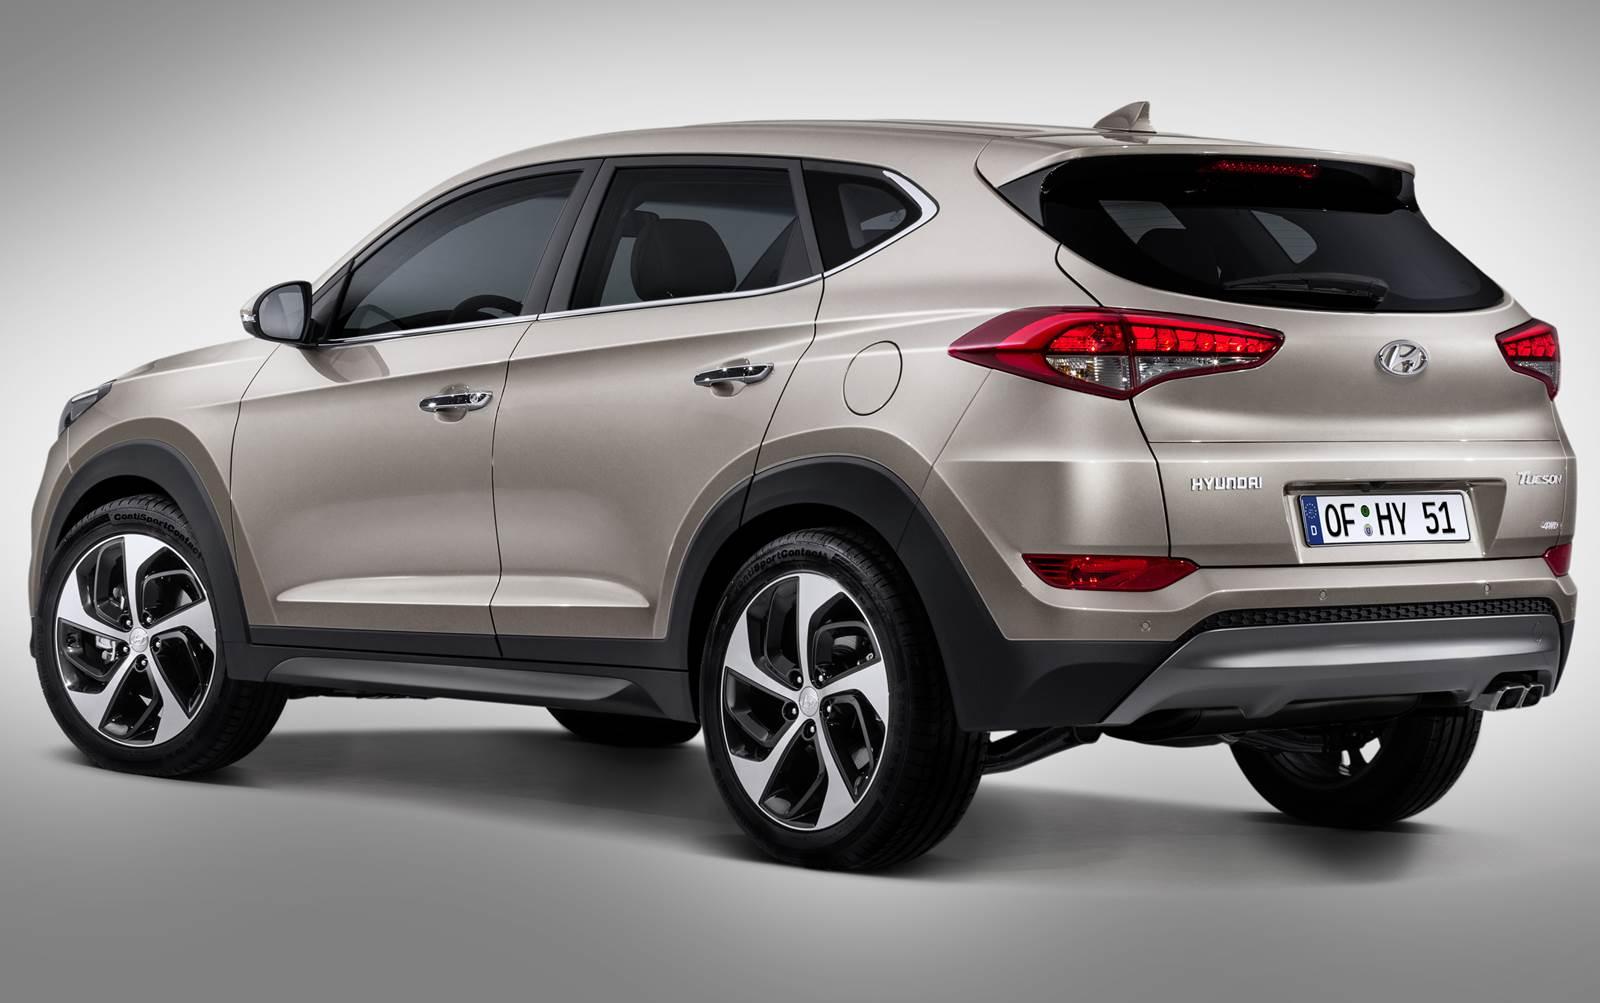 Novo Hyundai Tucson 2016 - traseira